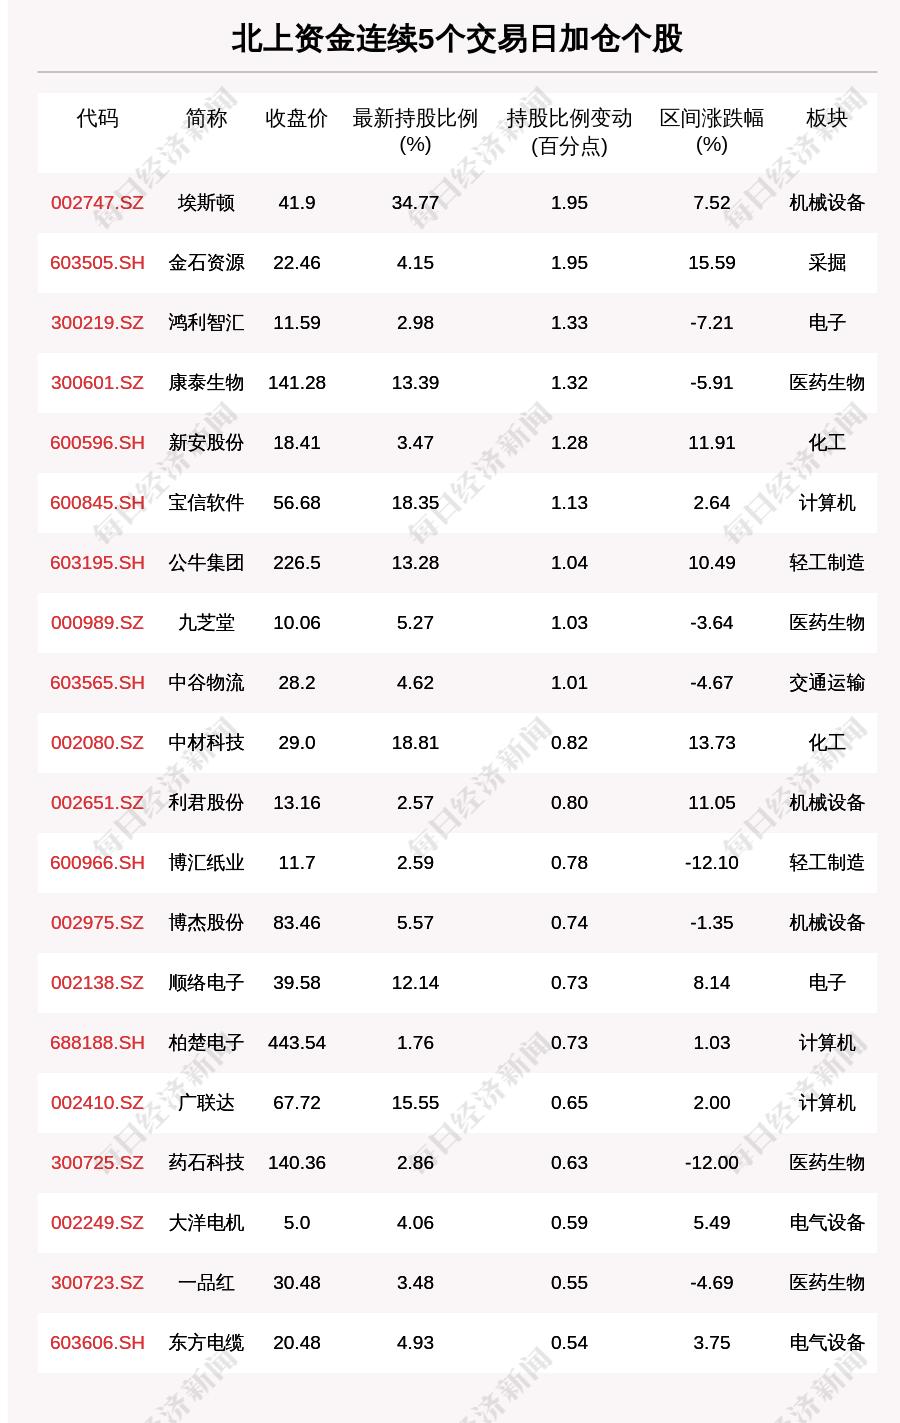 菲娱3娱乐:揭秘北上资金:连续5日加仓这些个股。